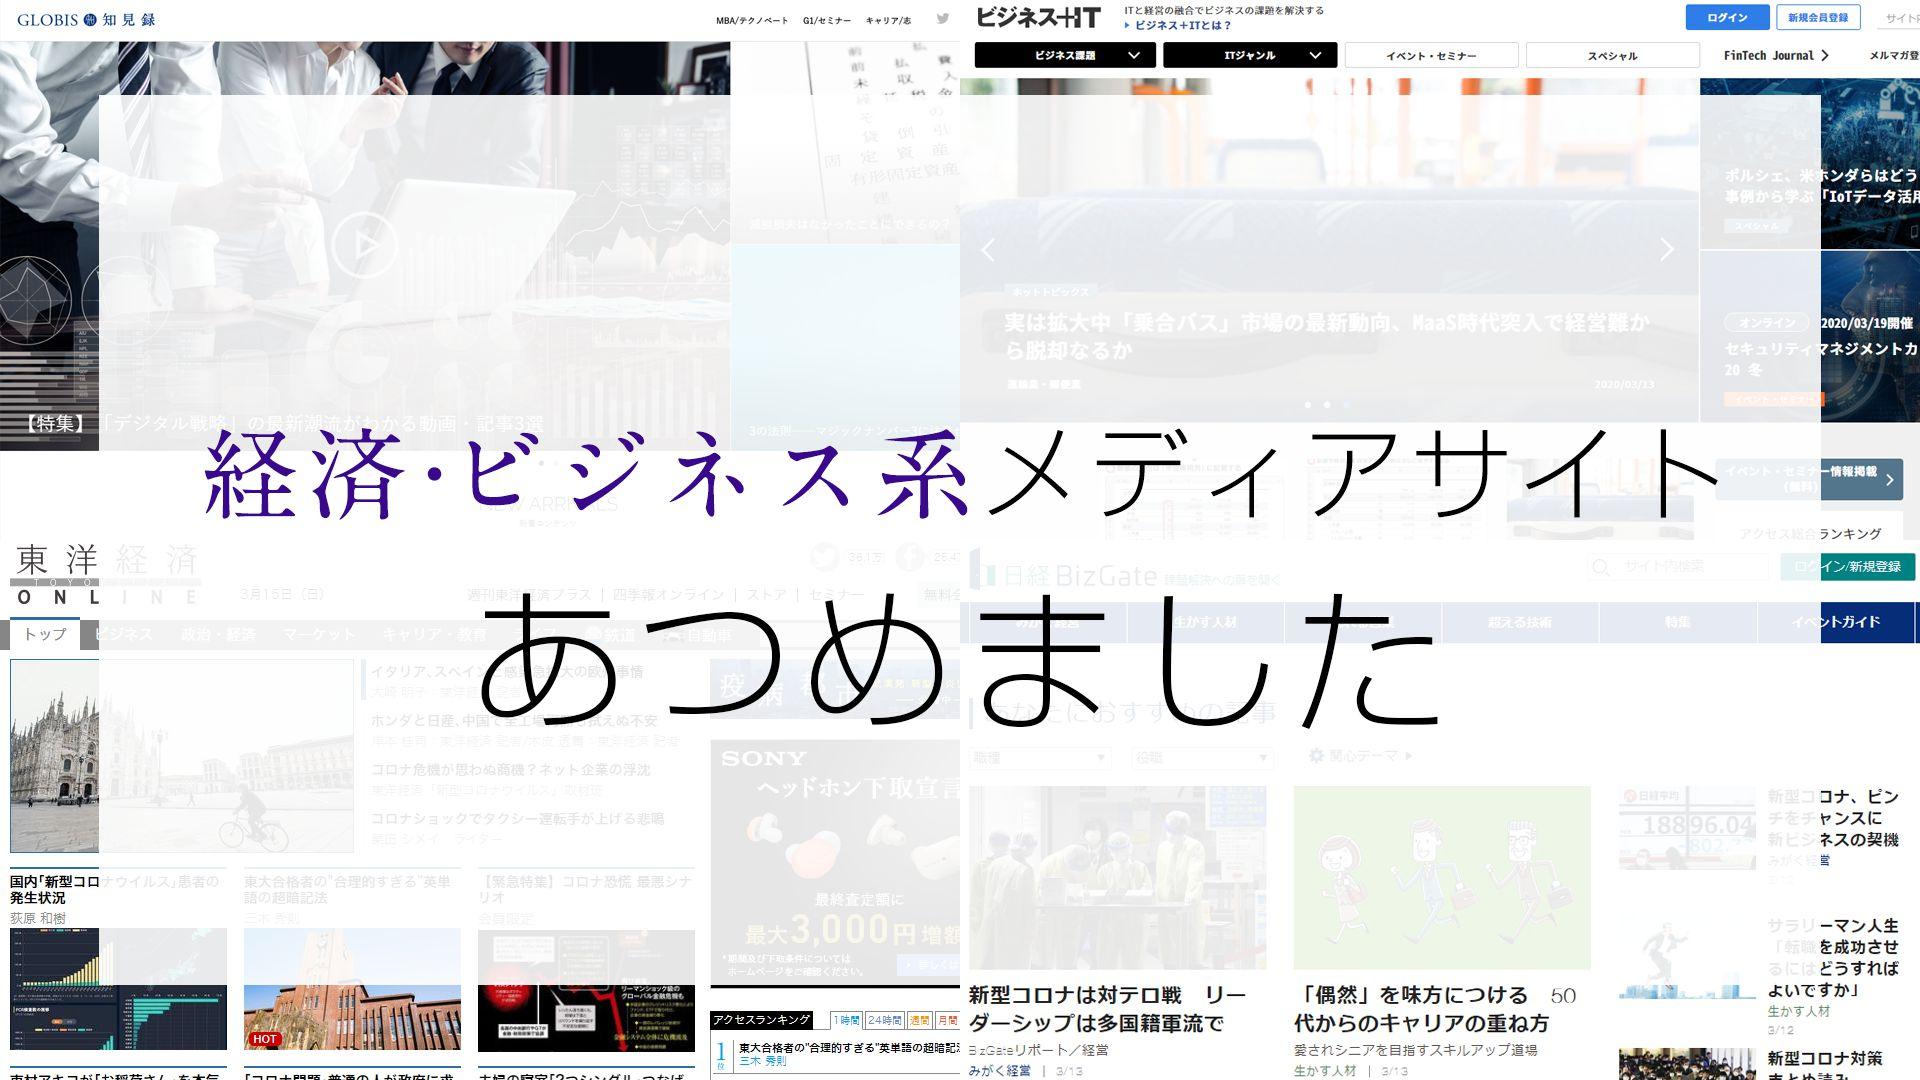 経済・ビジネス系のメディアサイト【リンク集|24選】